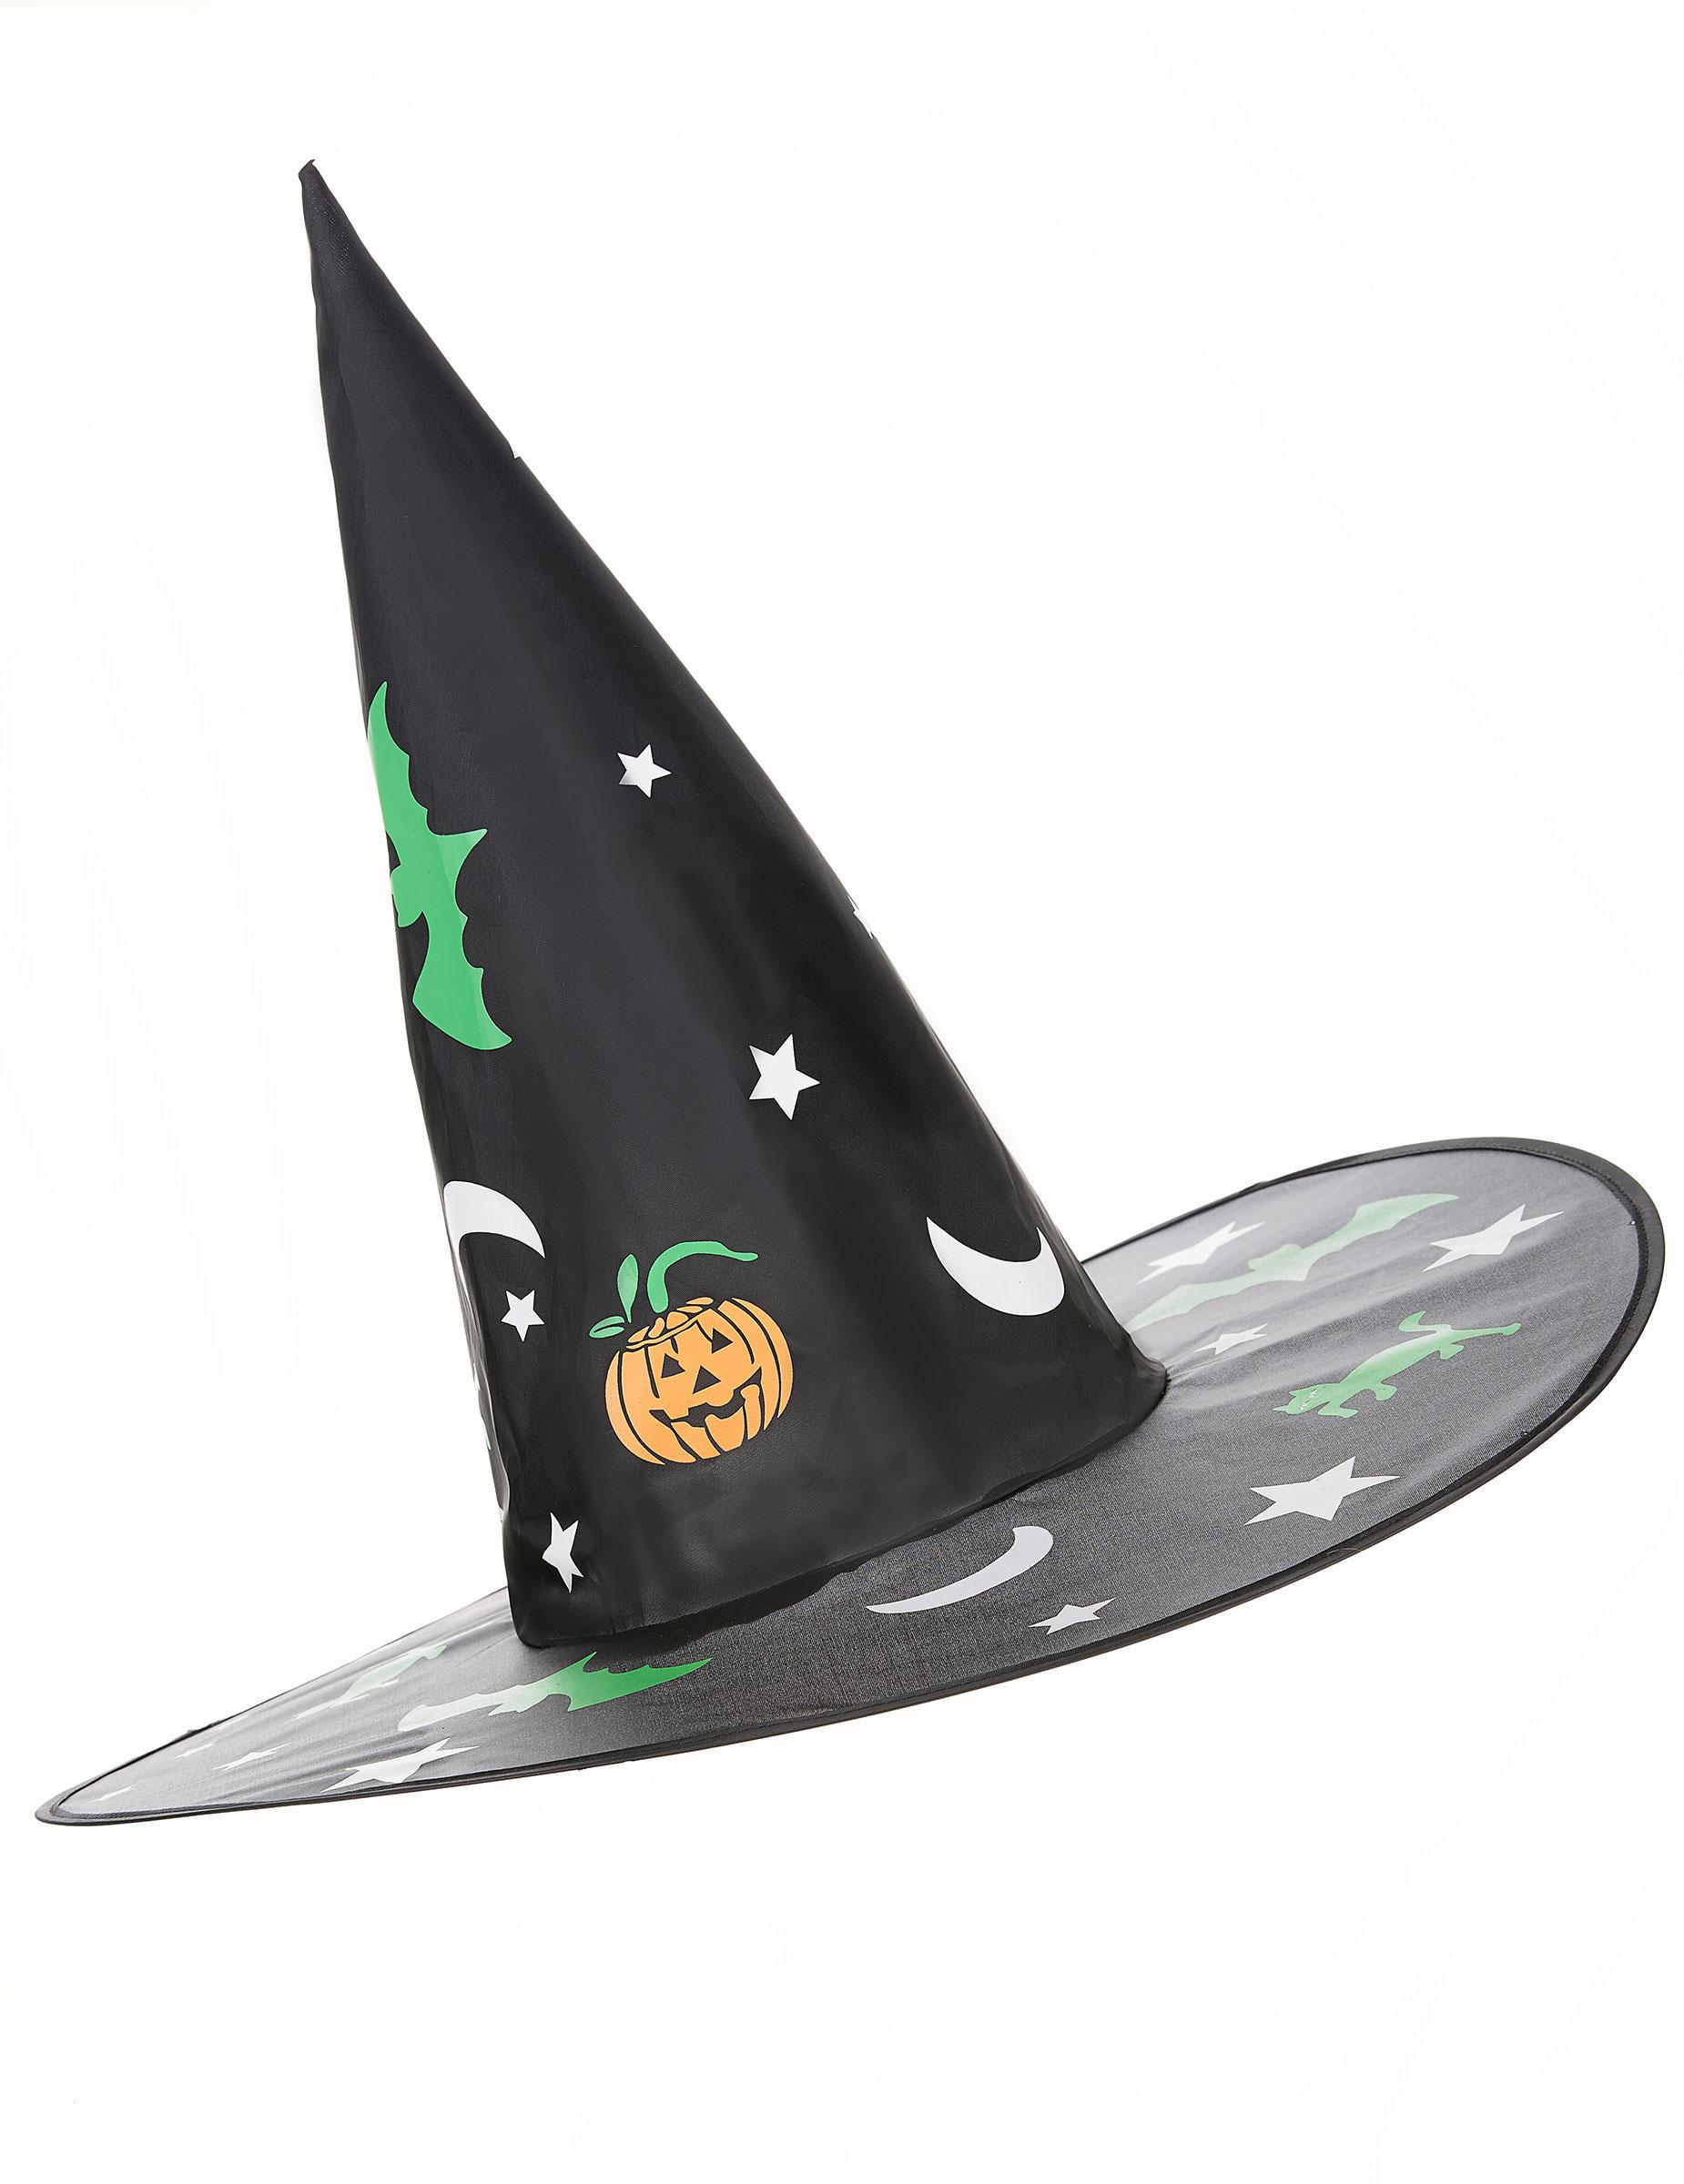 chapeau sorci re avec d corations halloween achat de chapeaux sur vegaoopro grossiste en. Black Bedroom Furniture Sets. Home Design Ideas